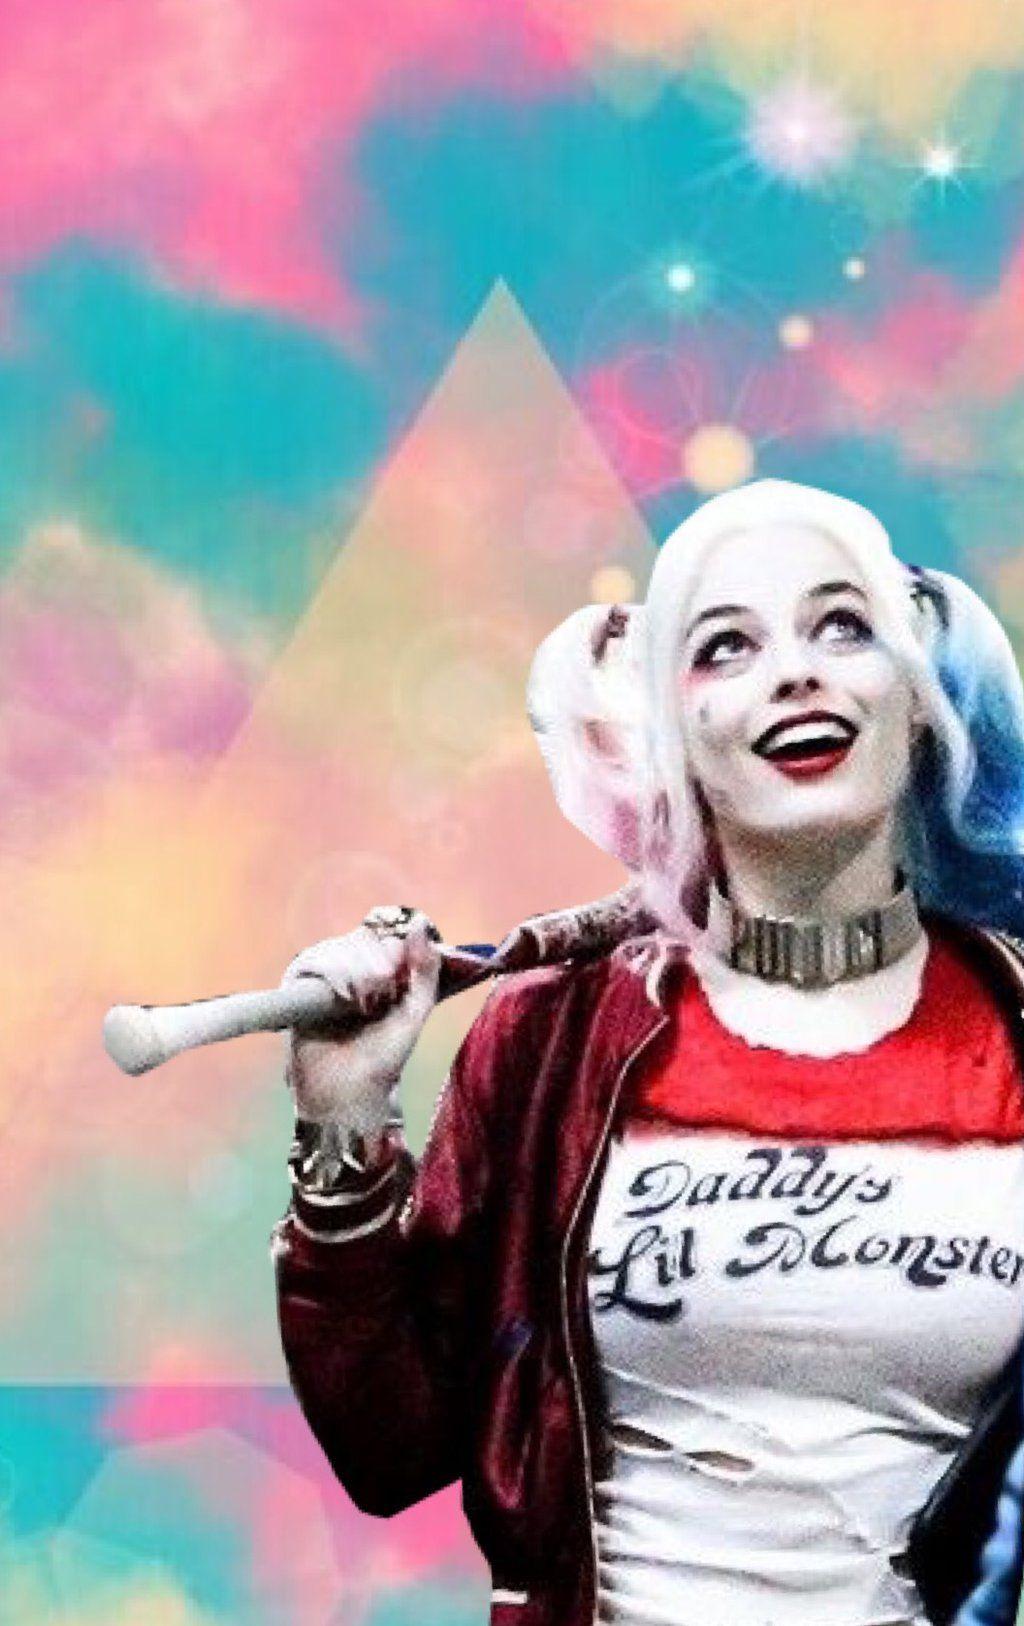 Joker And Harley Quinn Wallpaper